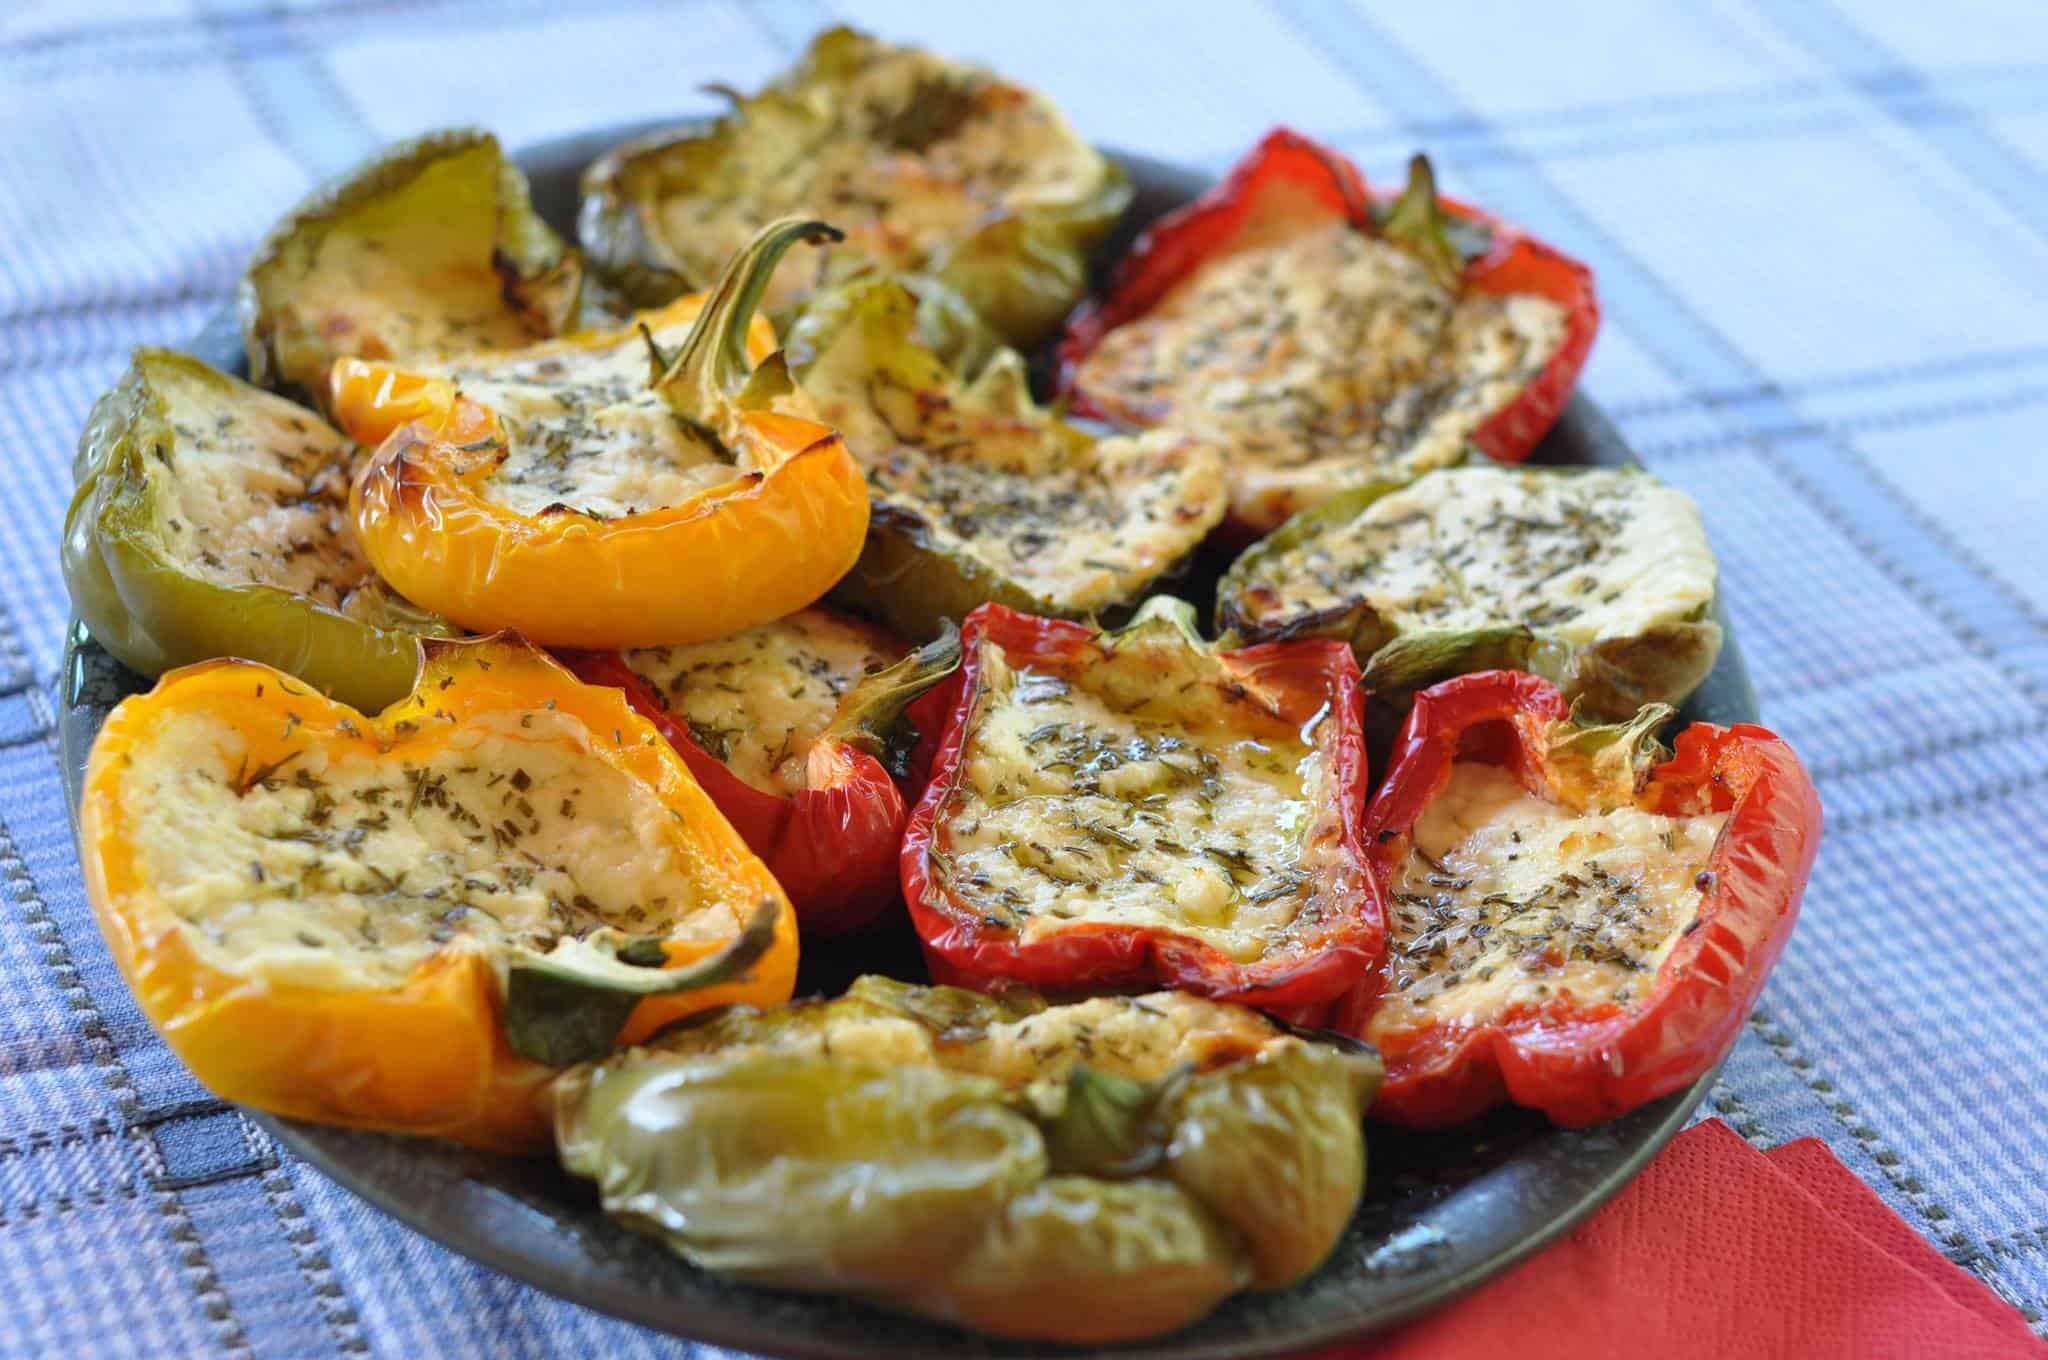 Papryka faszerowana bryndzą z dodatkiem rozmarynu i oliwy